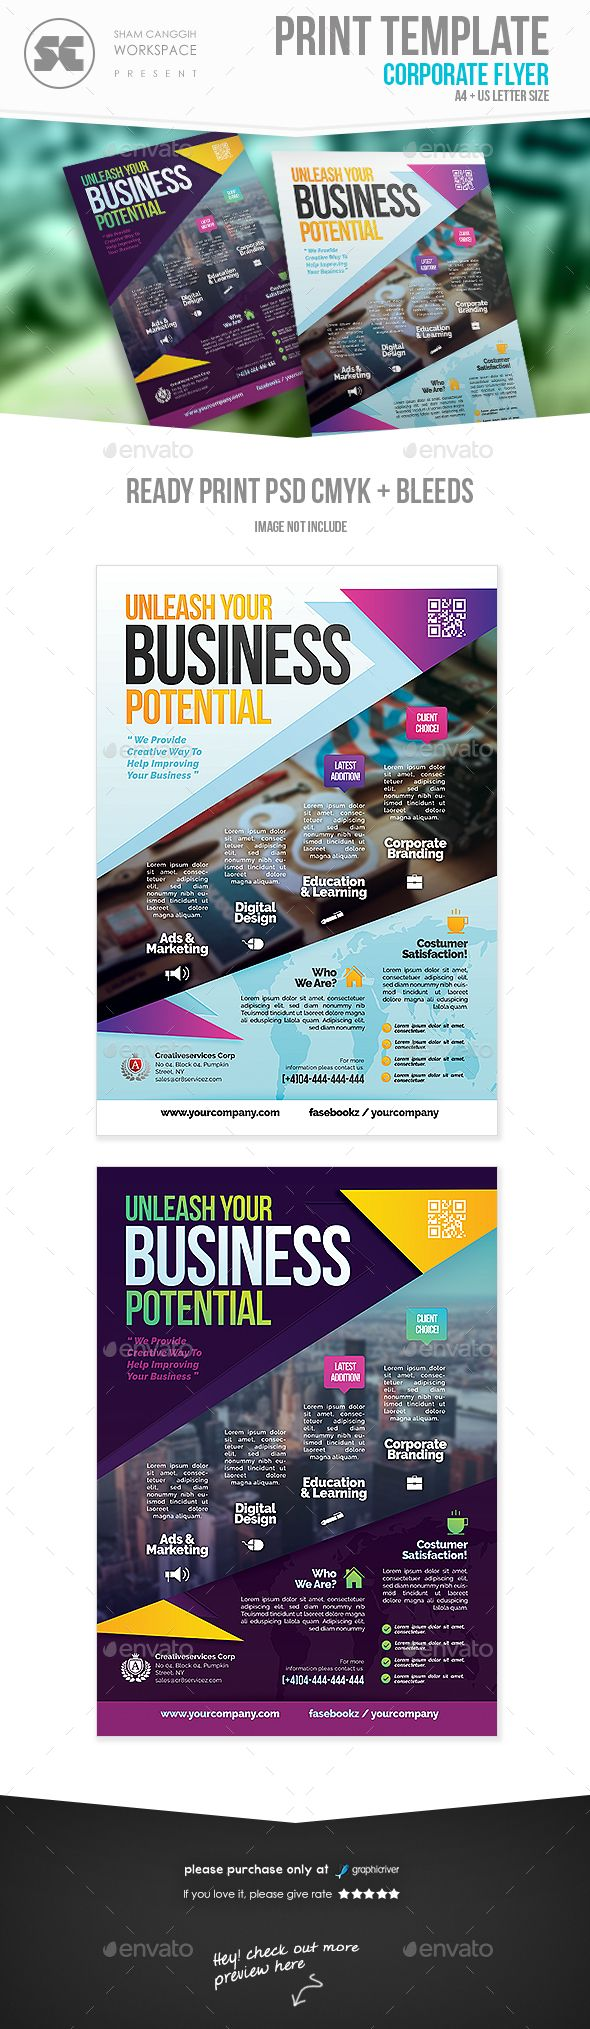 Business Flyer Template PSD